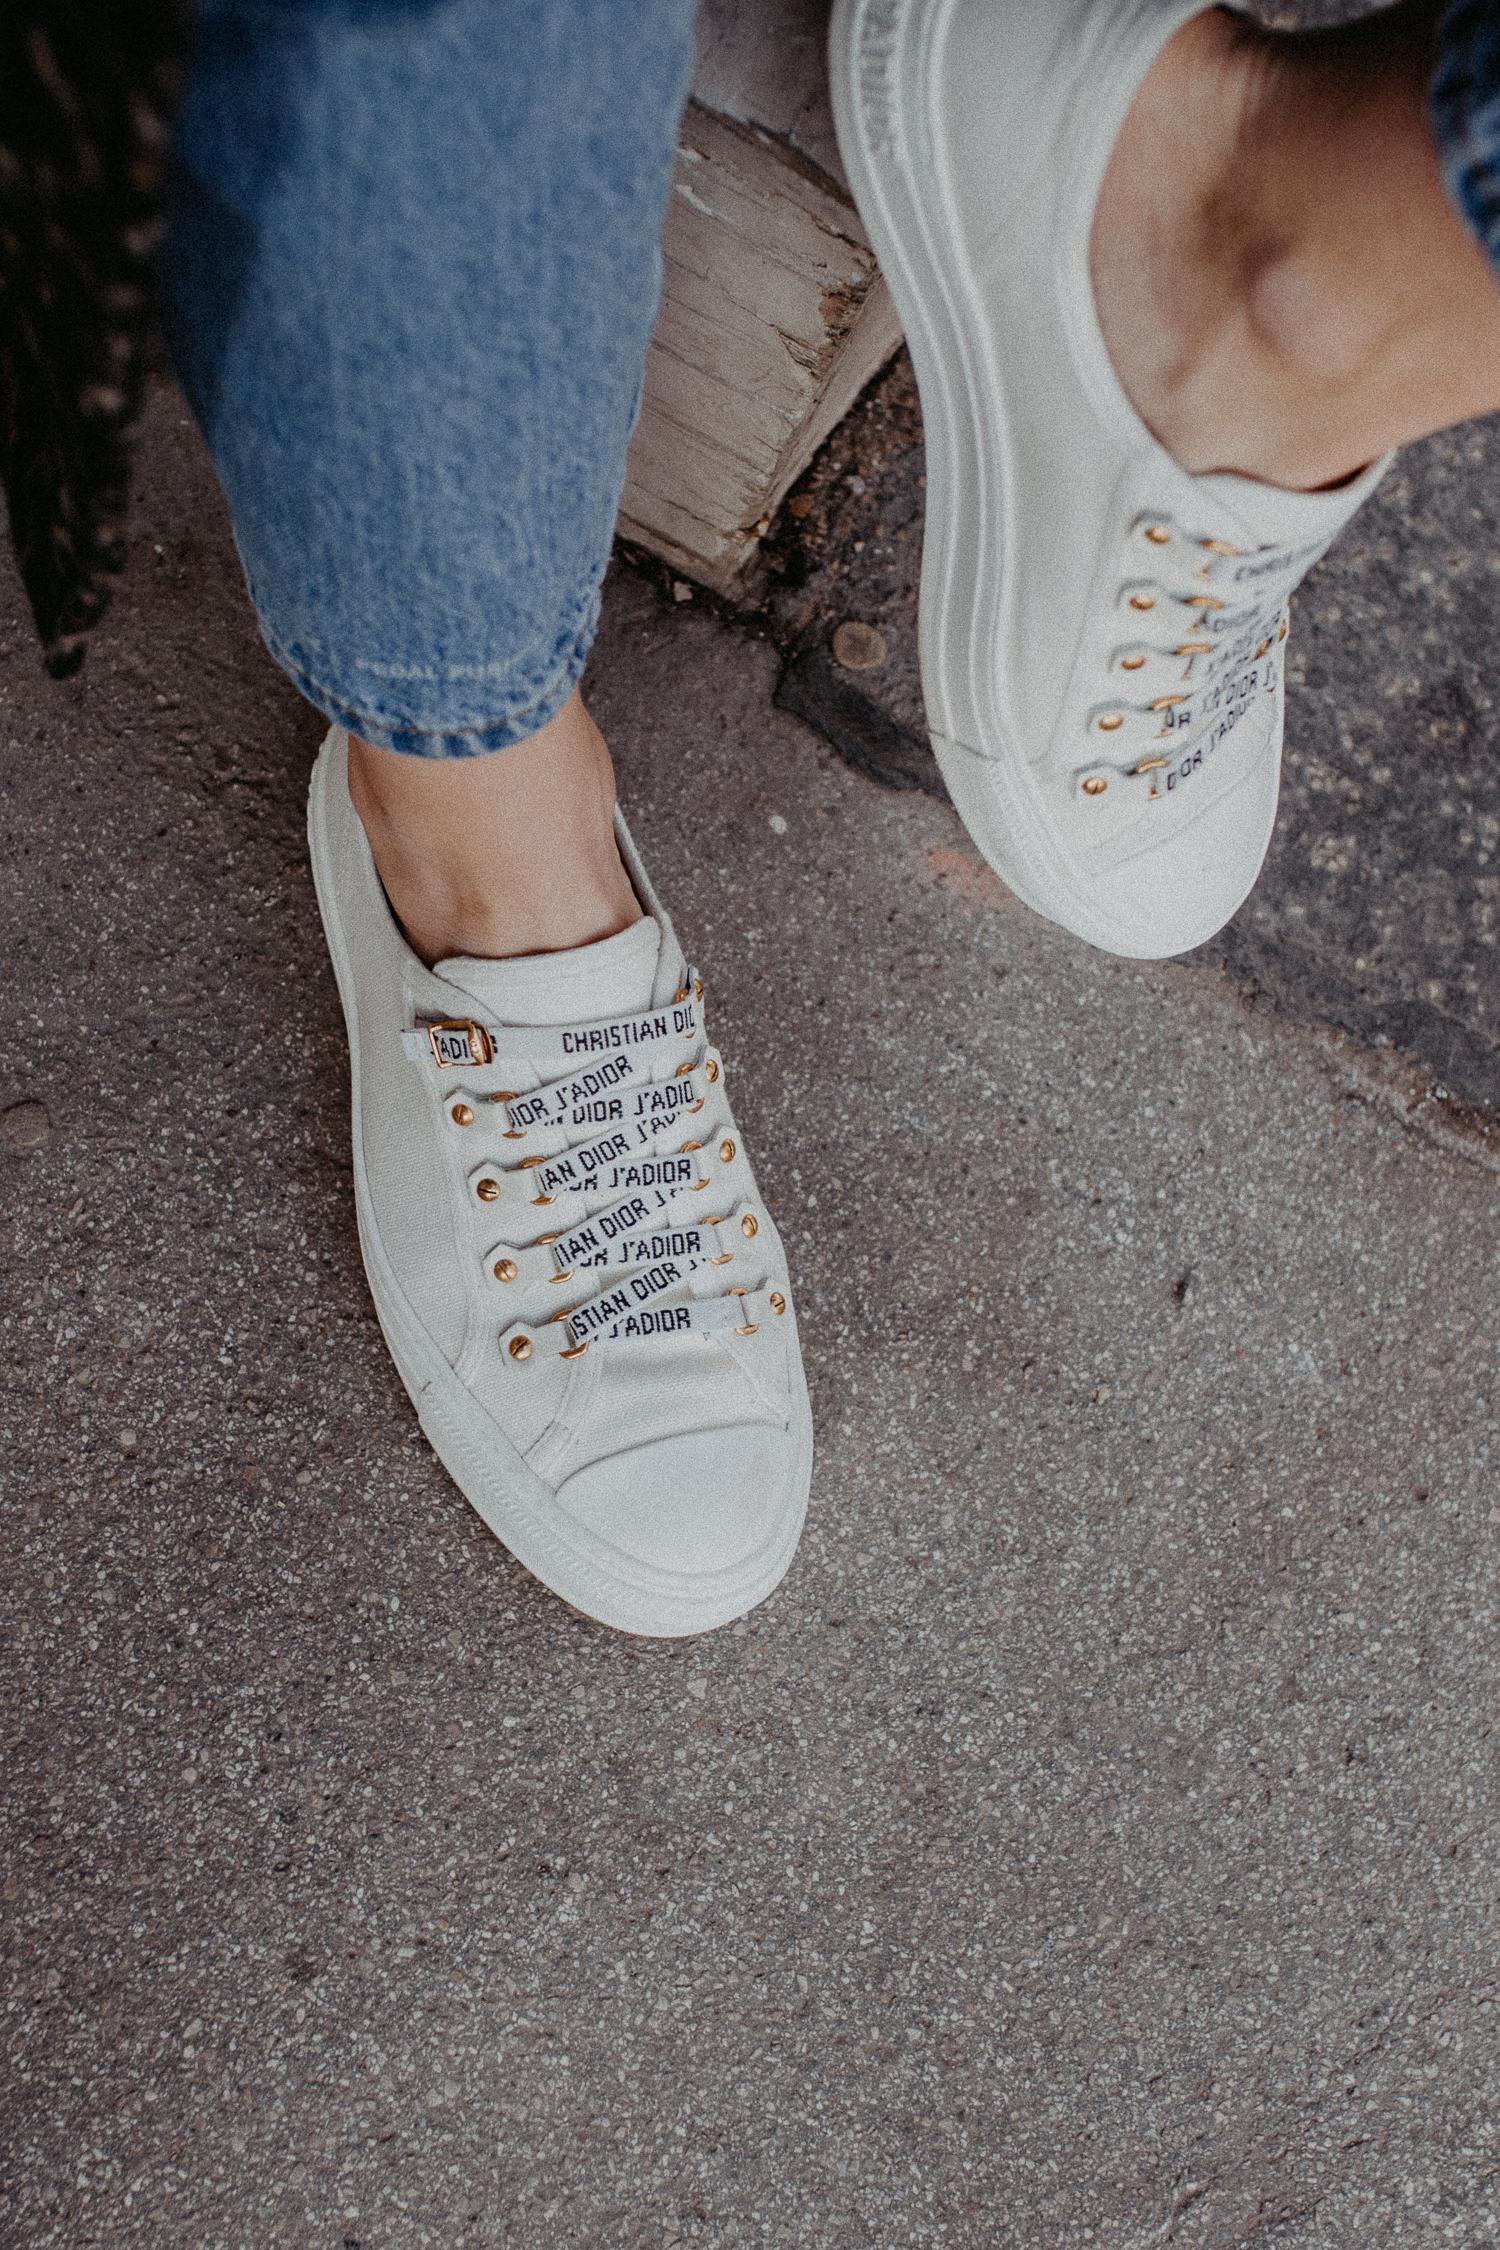 Walk'n'Dior low-top sneakers